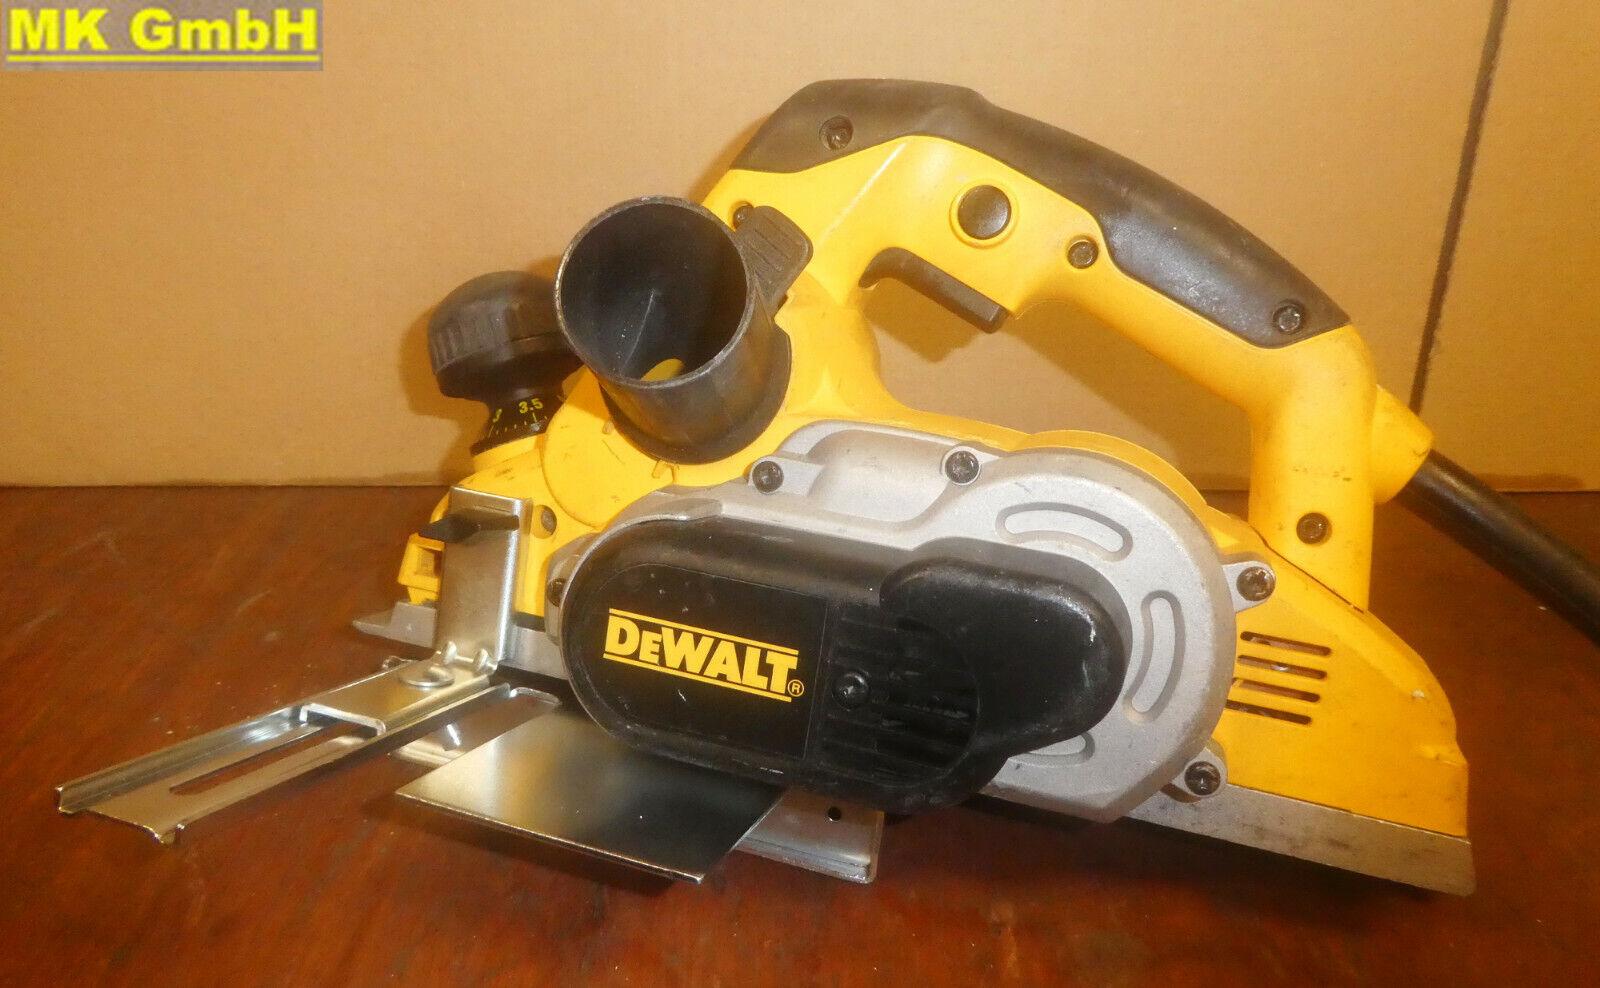 Dewalt D26501 Zimmerei Elektrohobel, 1150 Watt D 26501, 82mm + Parallelanschlag